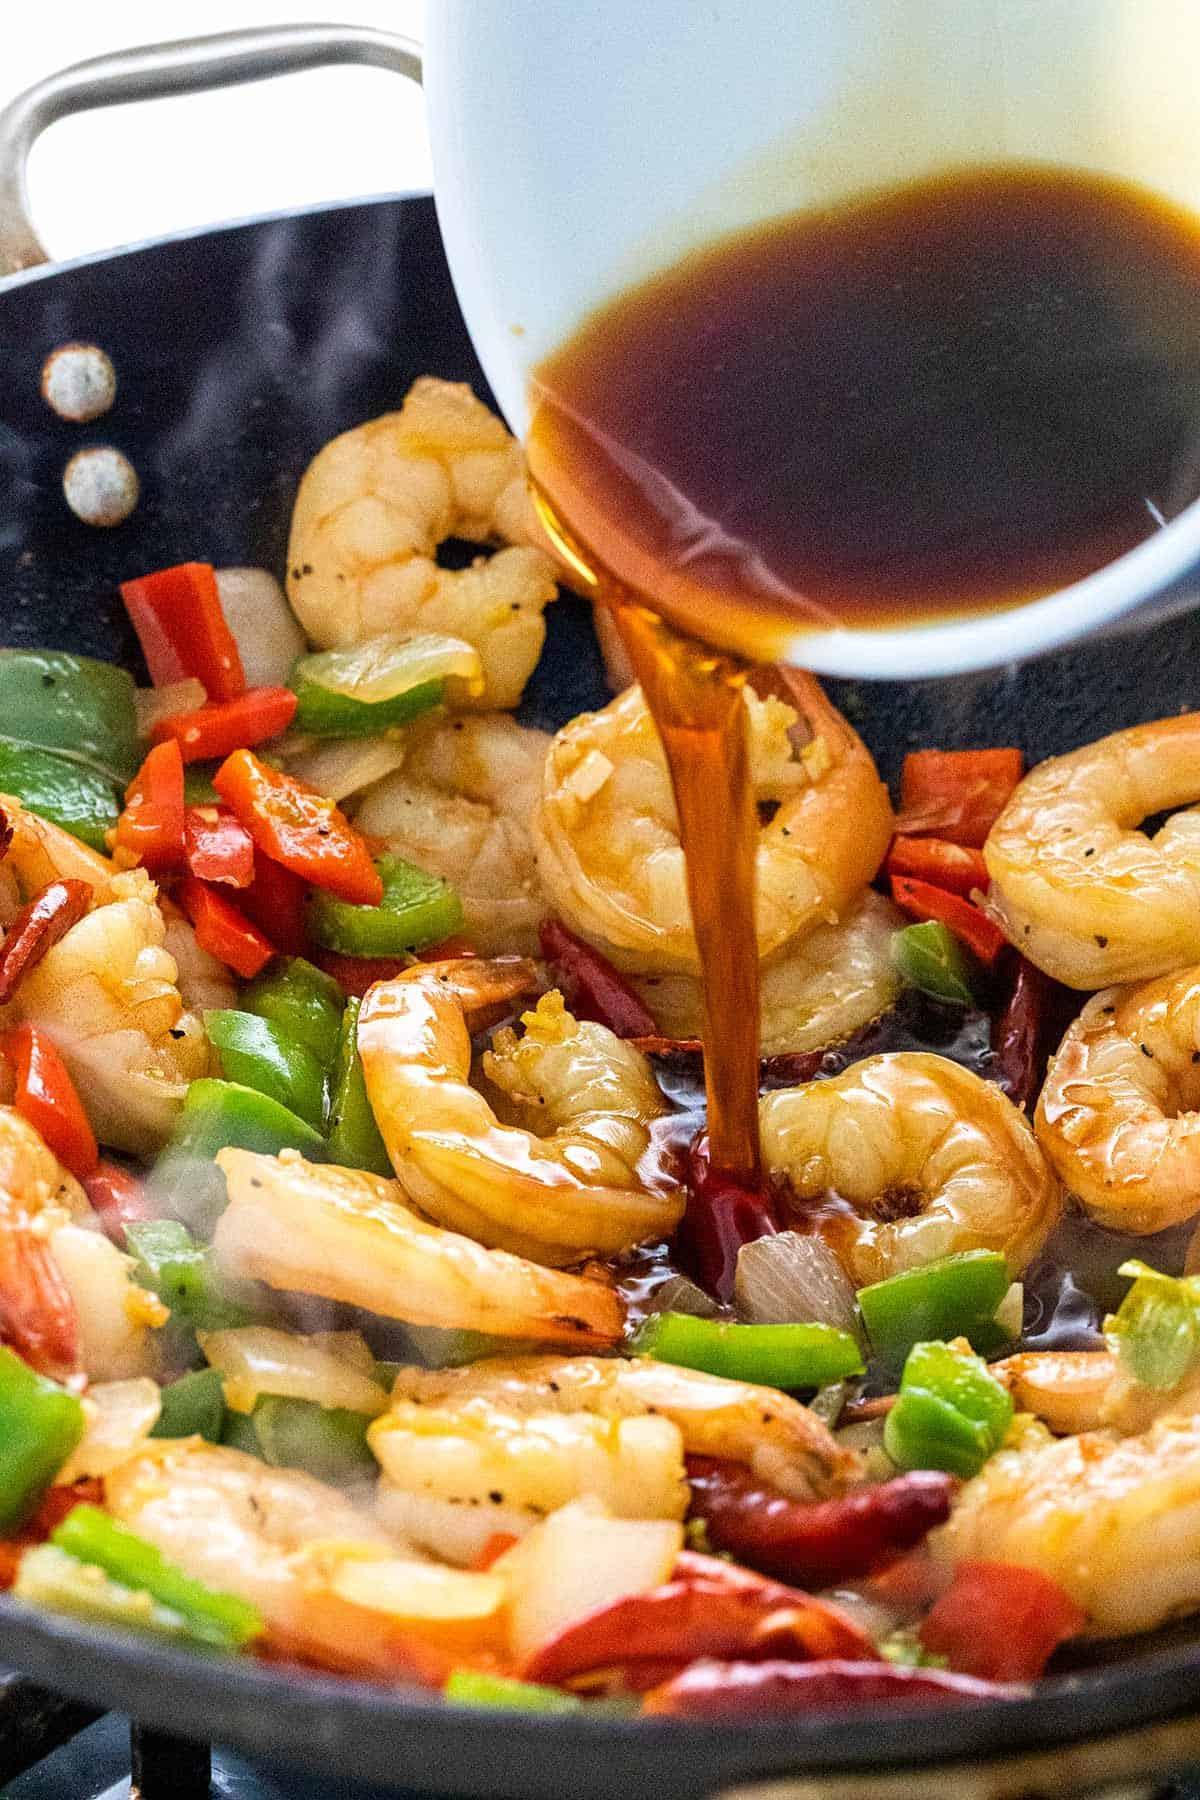 adding stir fry sauce to the pan